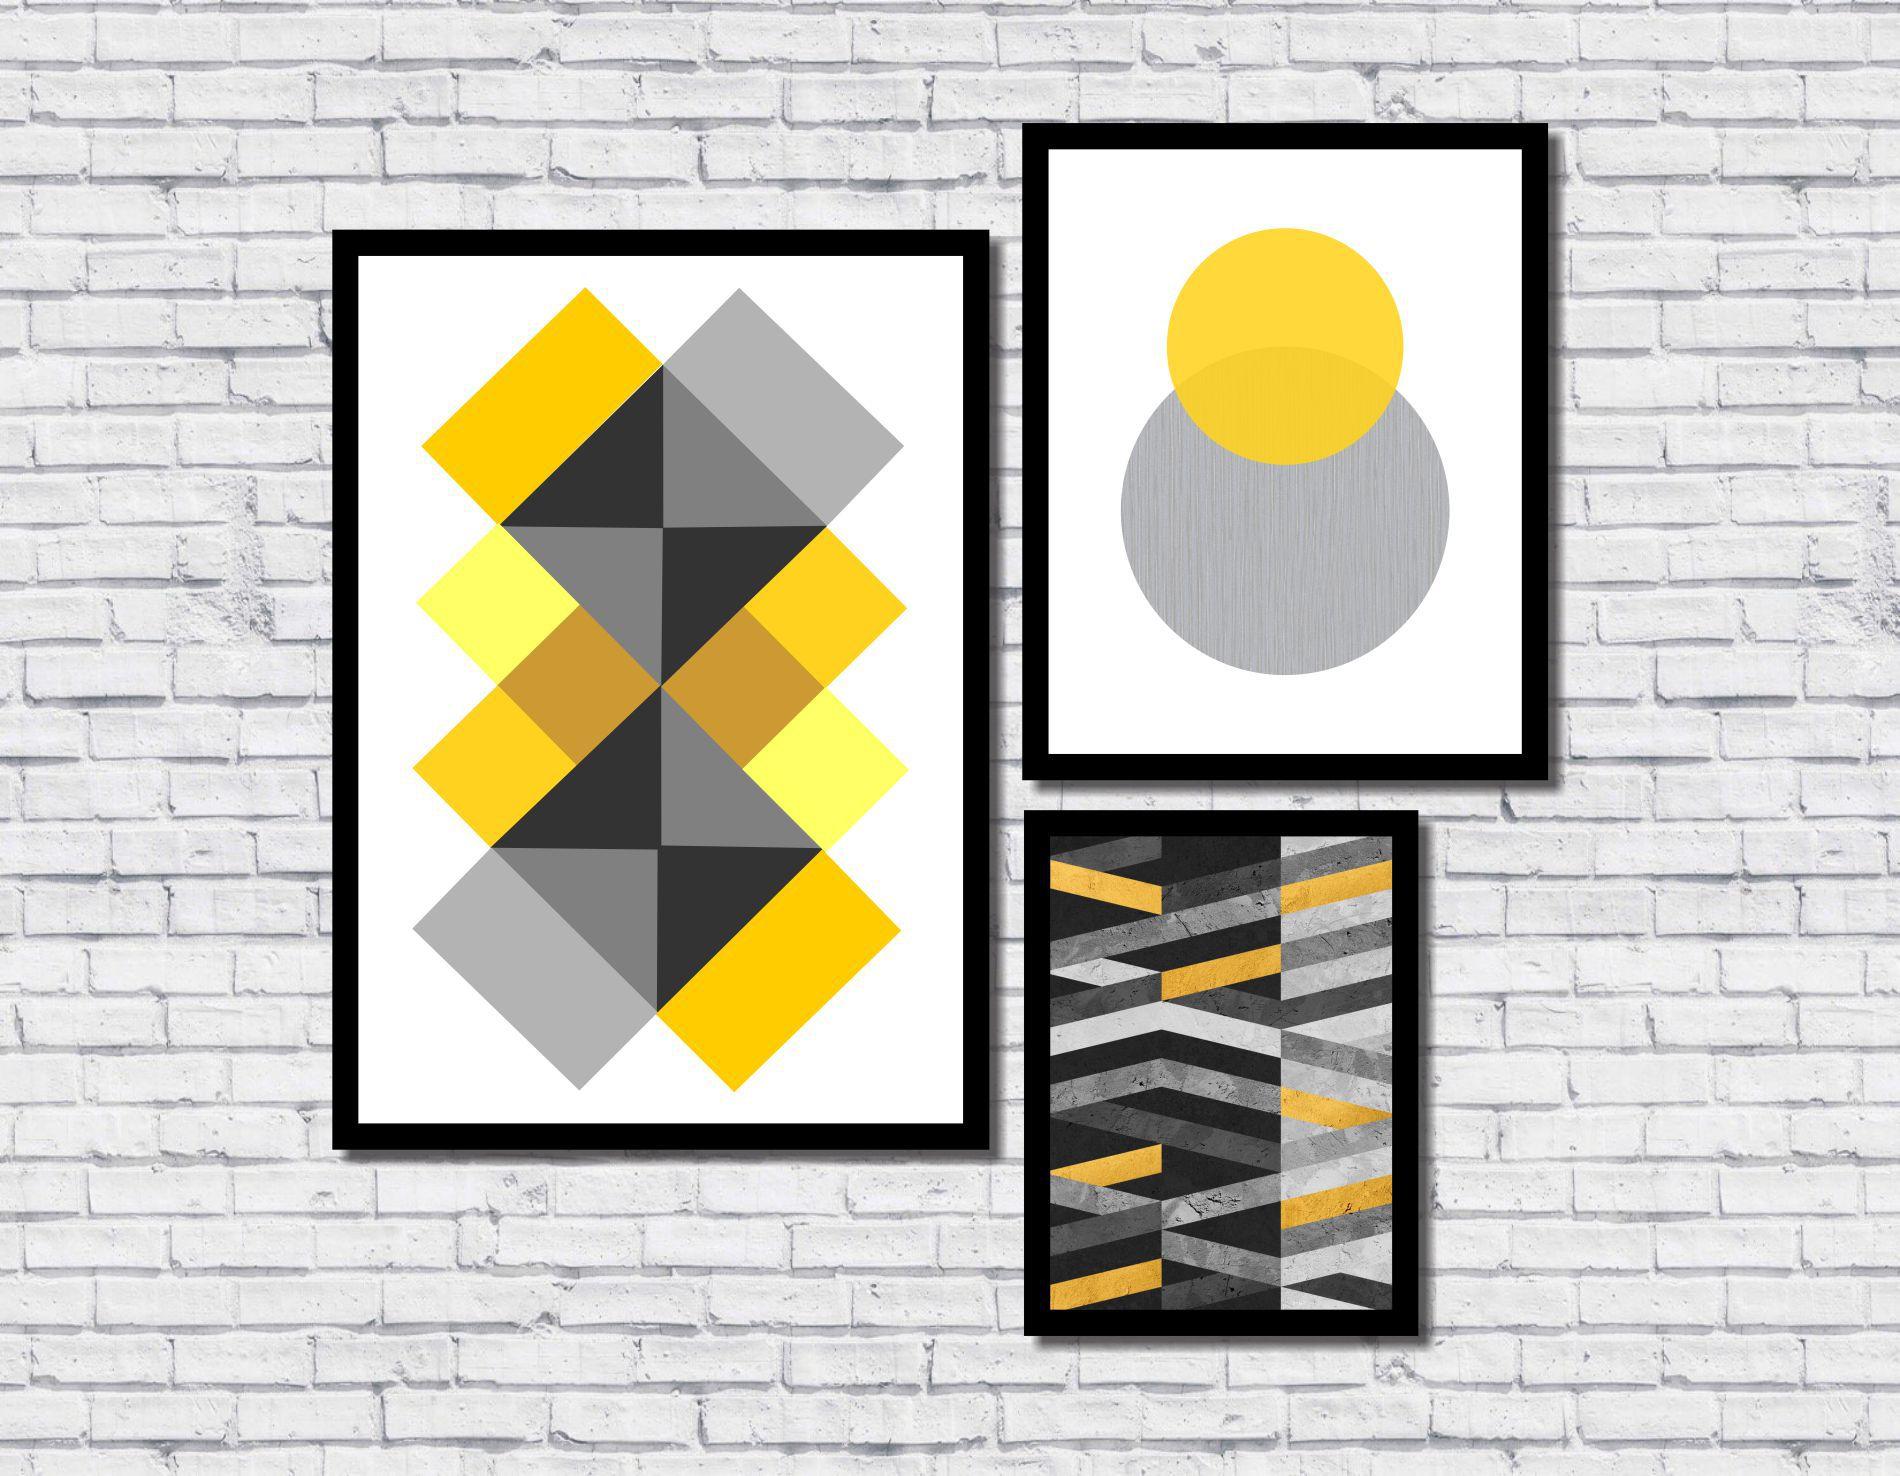 Kit 3 Quadros Decorativos Abstrato Geométrico Amarelo Cinza